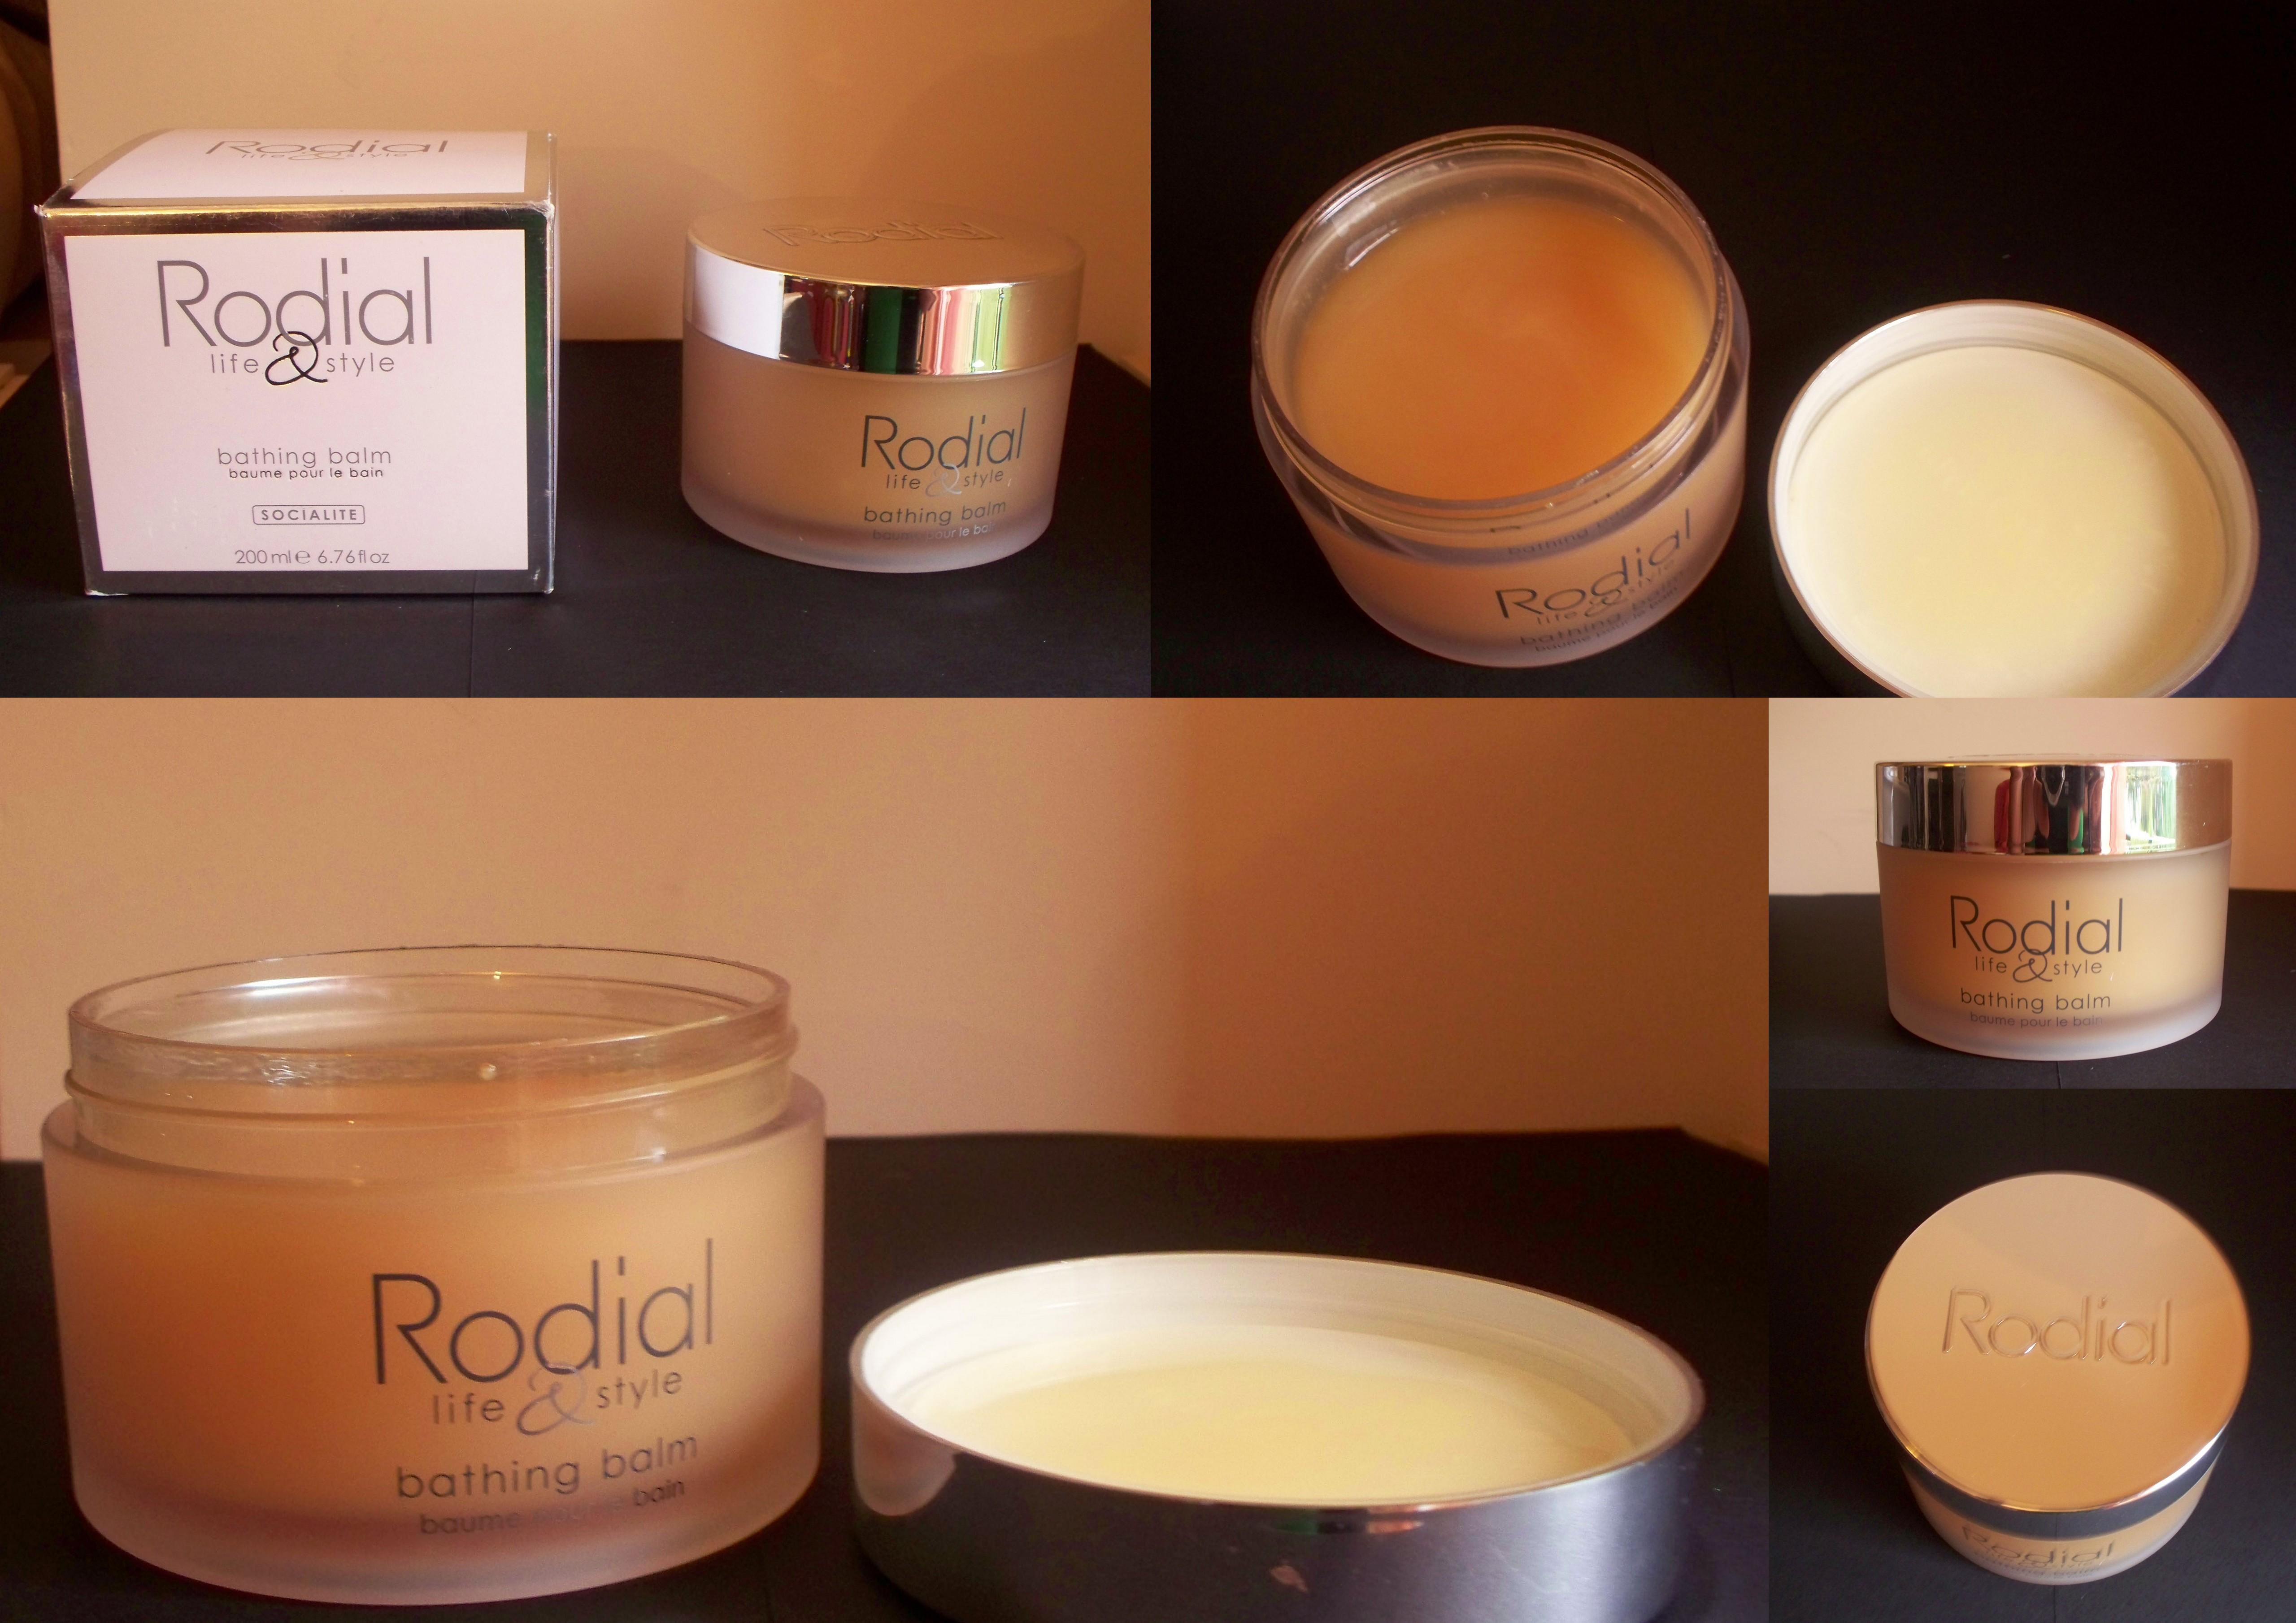 Rodial Bath